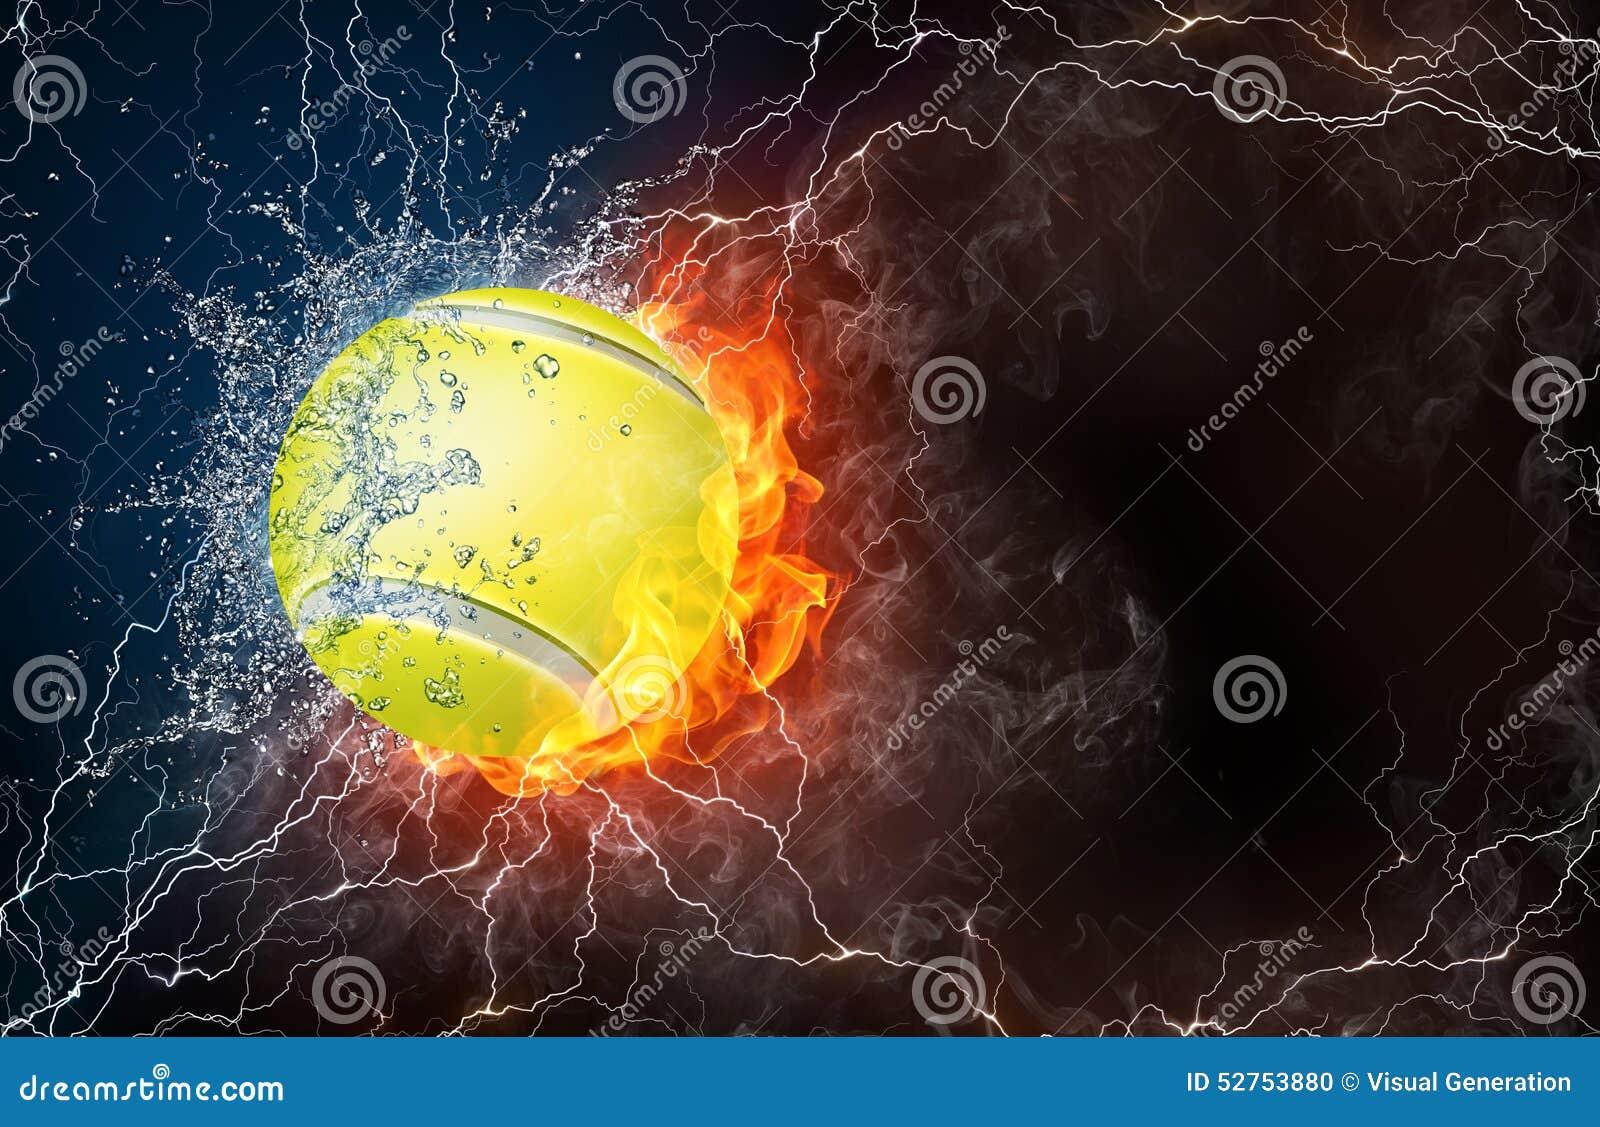 Tenis pelota stock de ilustracion ilustracion libre de stock de - Pelota De Tenis En Fuego Y Agua